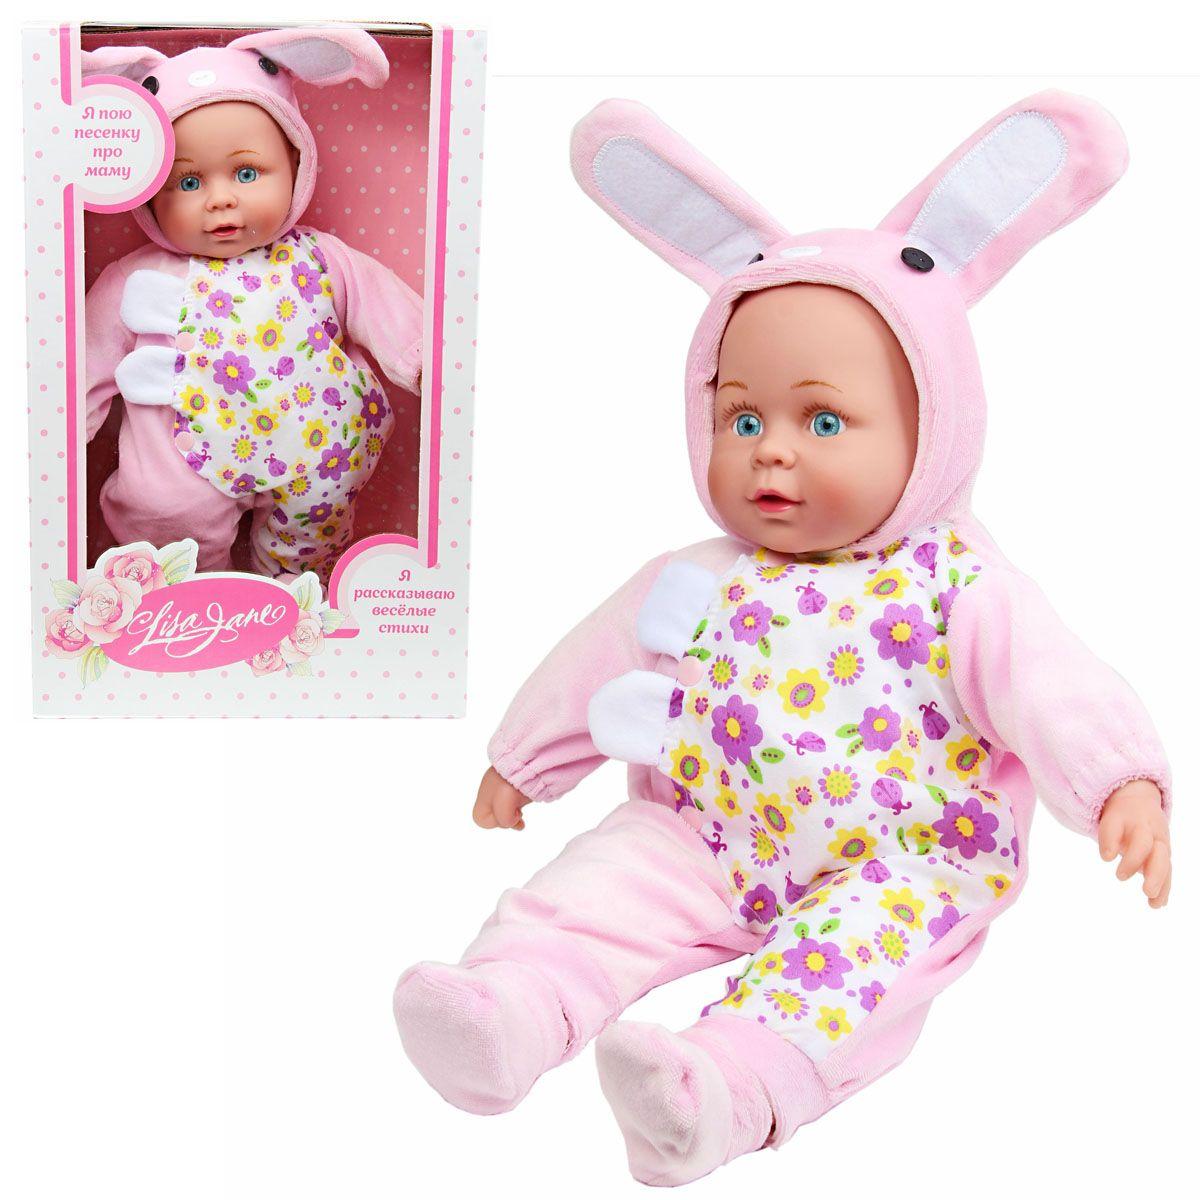 Кукла интерактивная (звук) ,в розовом комбинезоне, 40 см